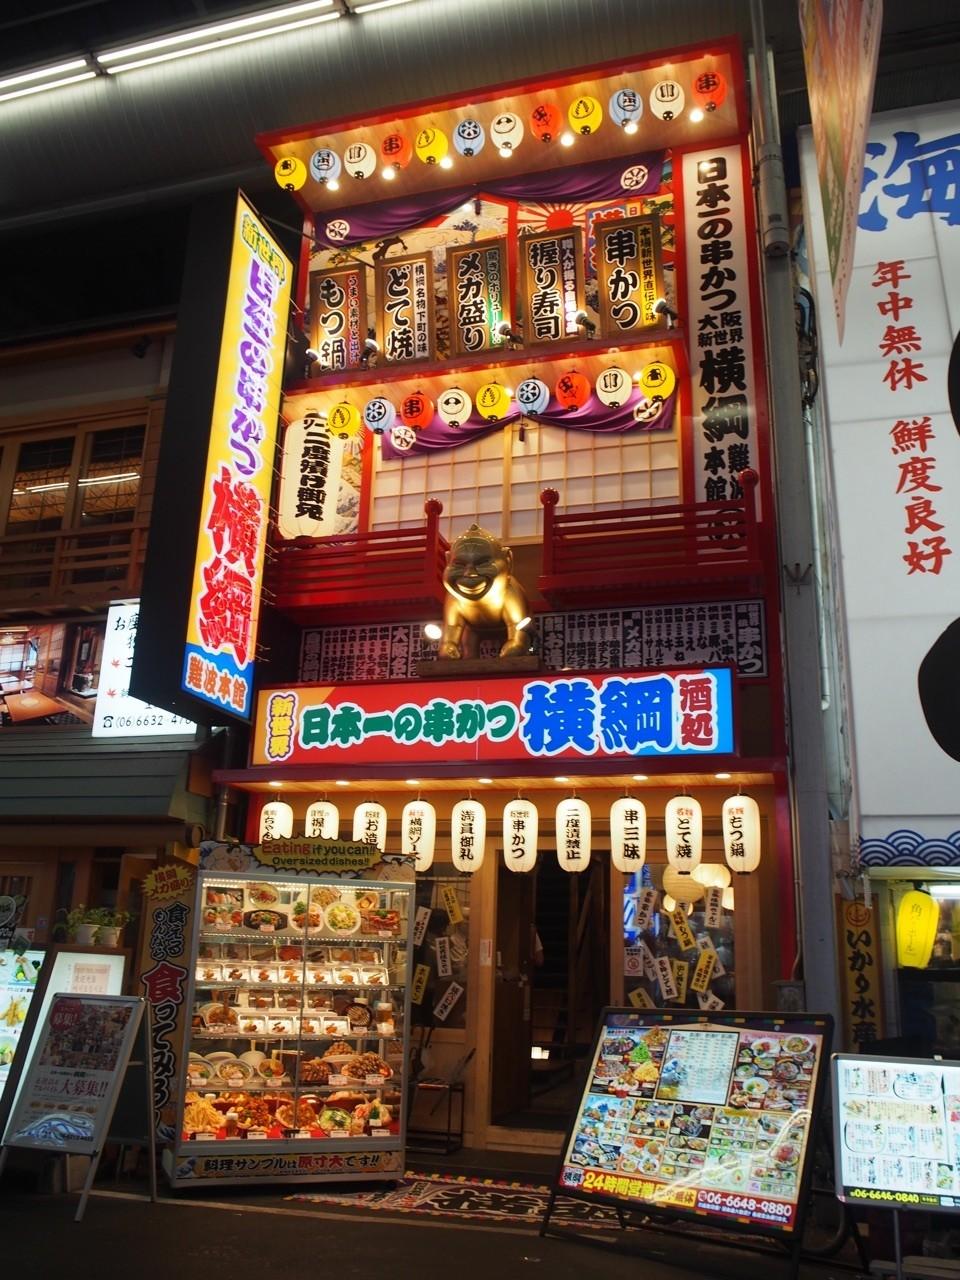 日本第一人氣炸串店 横綱